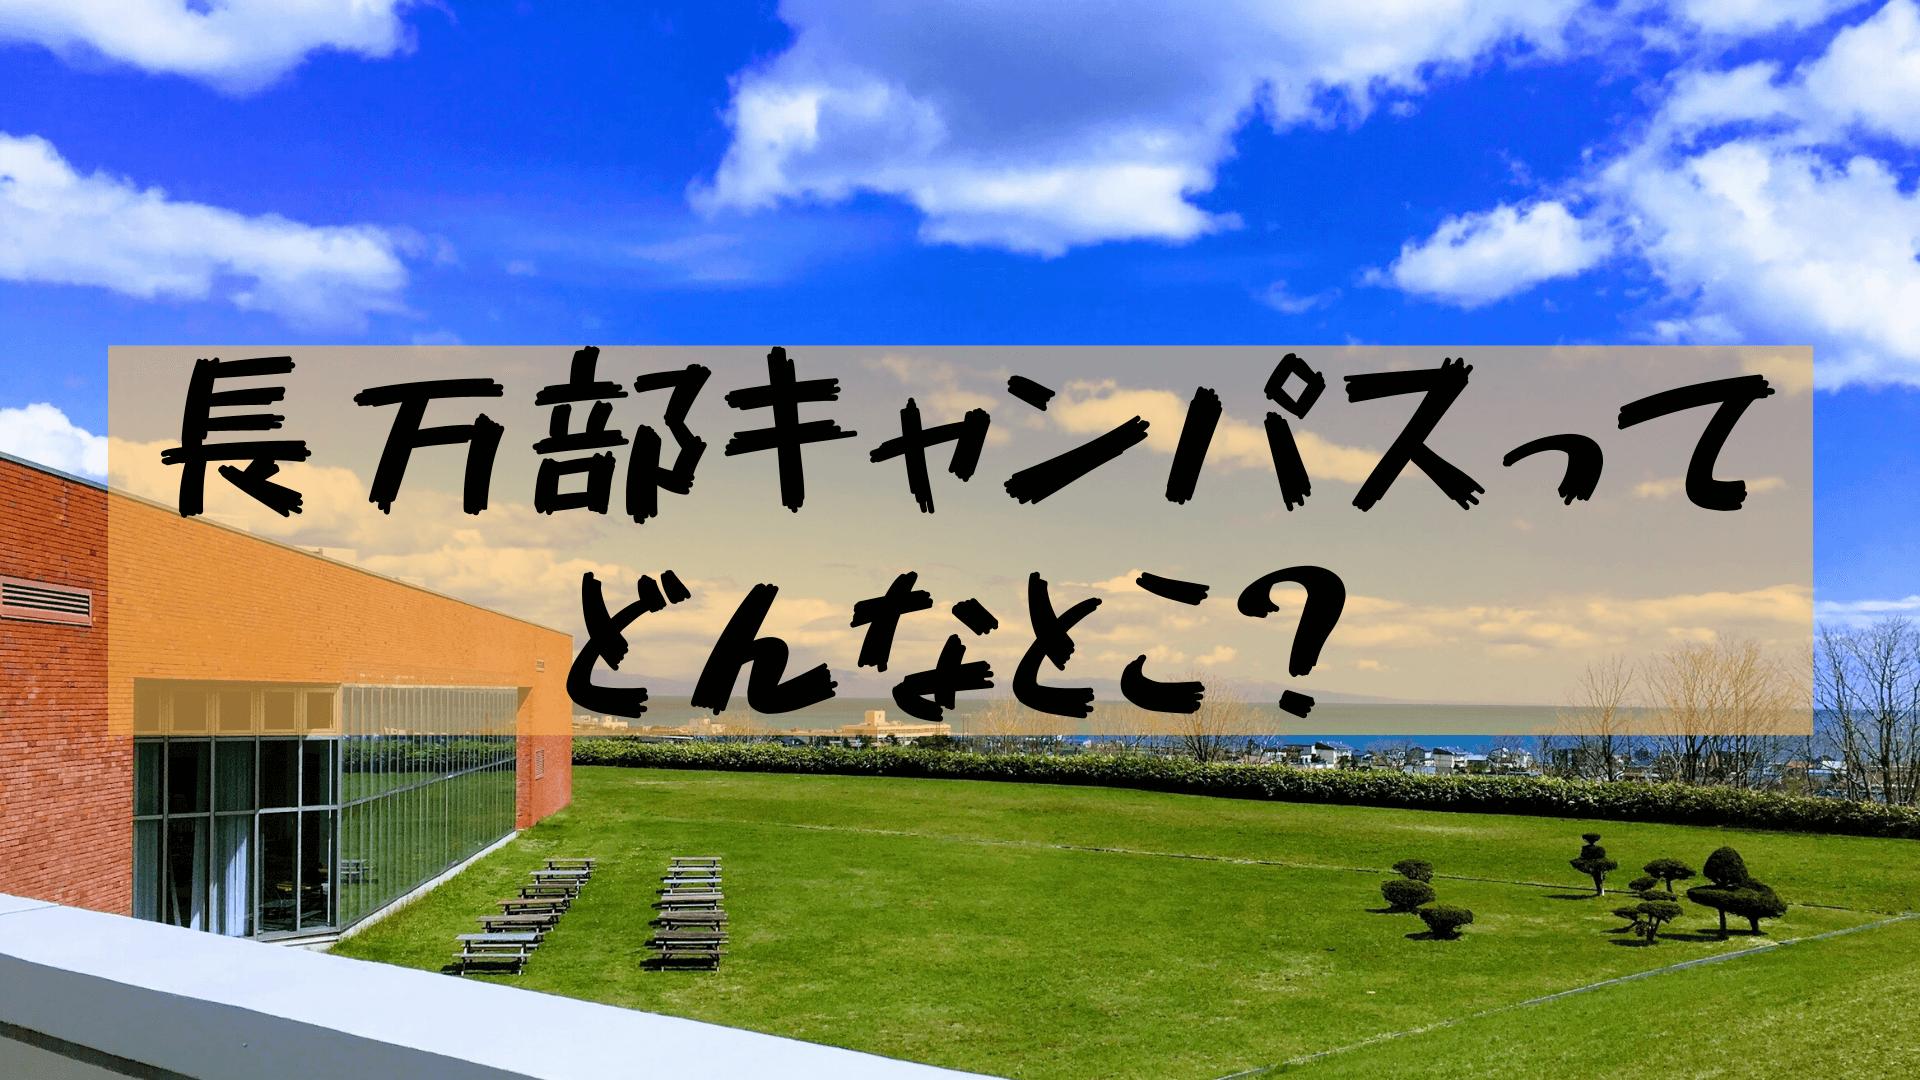 【東京理科大学】長万部キャンパスが2020年に閉鎖?基礎工学部に代わり経営学部が移動